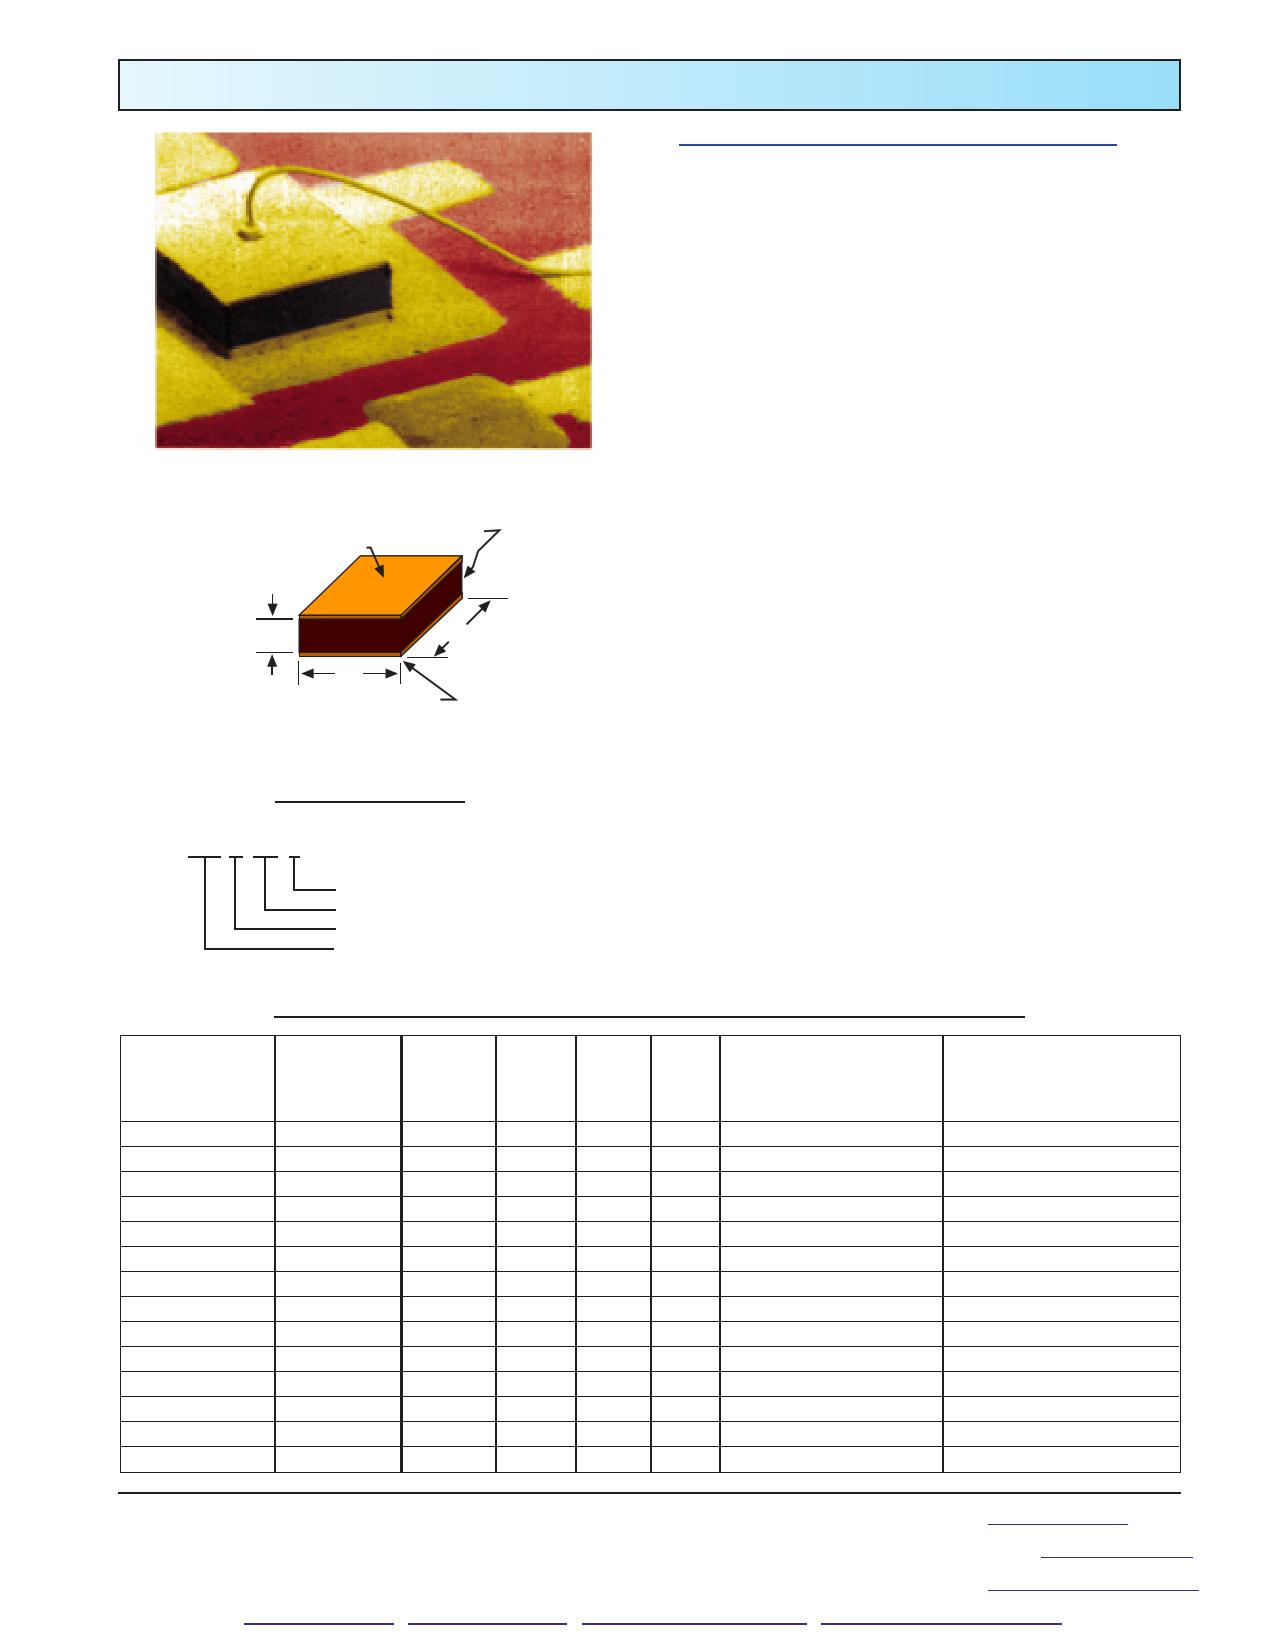 0.1K1CG3 datasheet